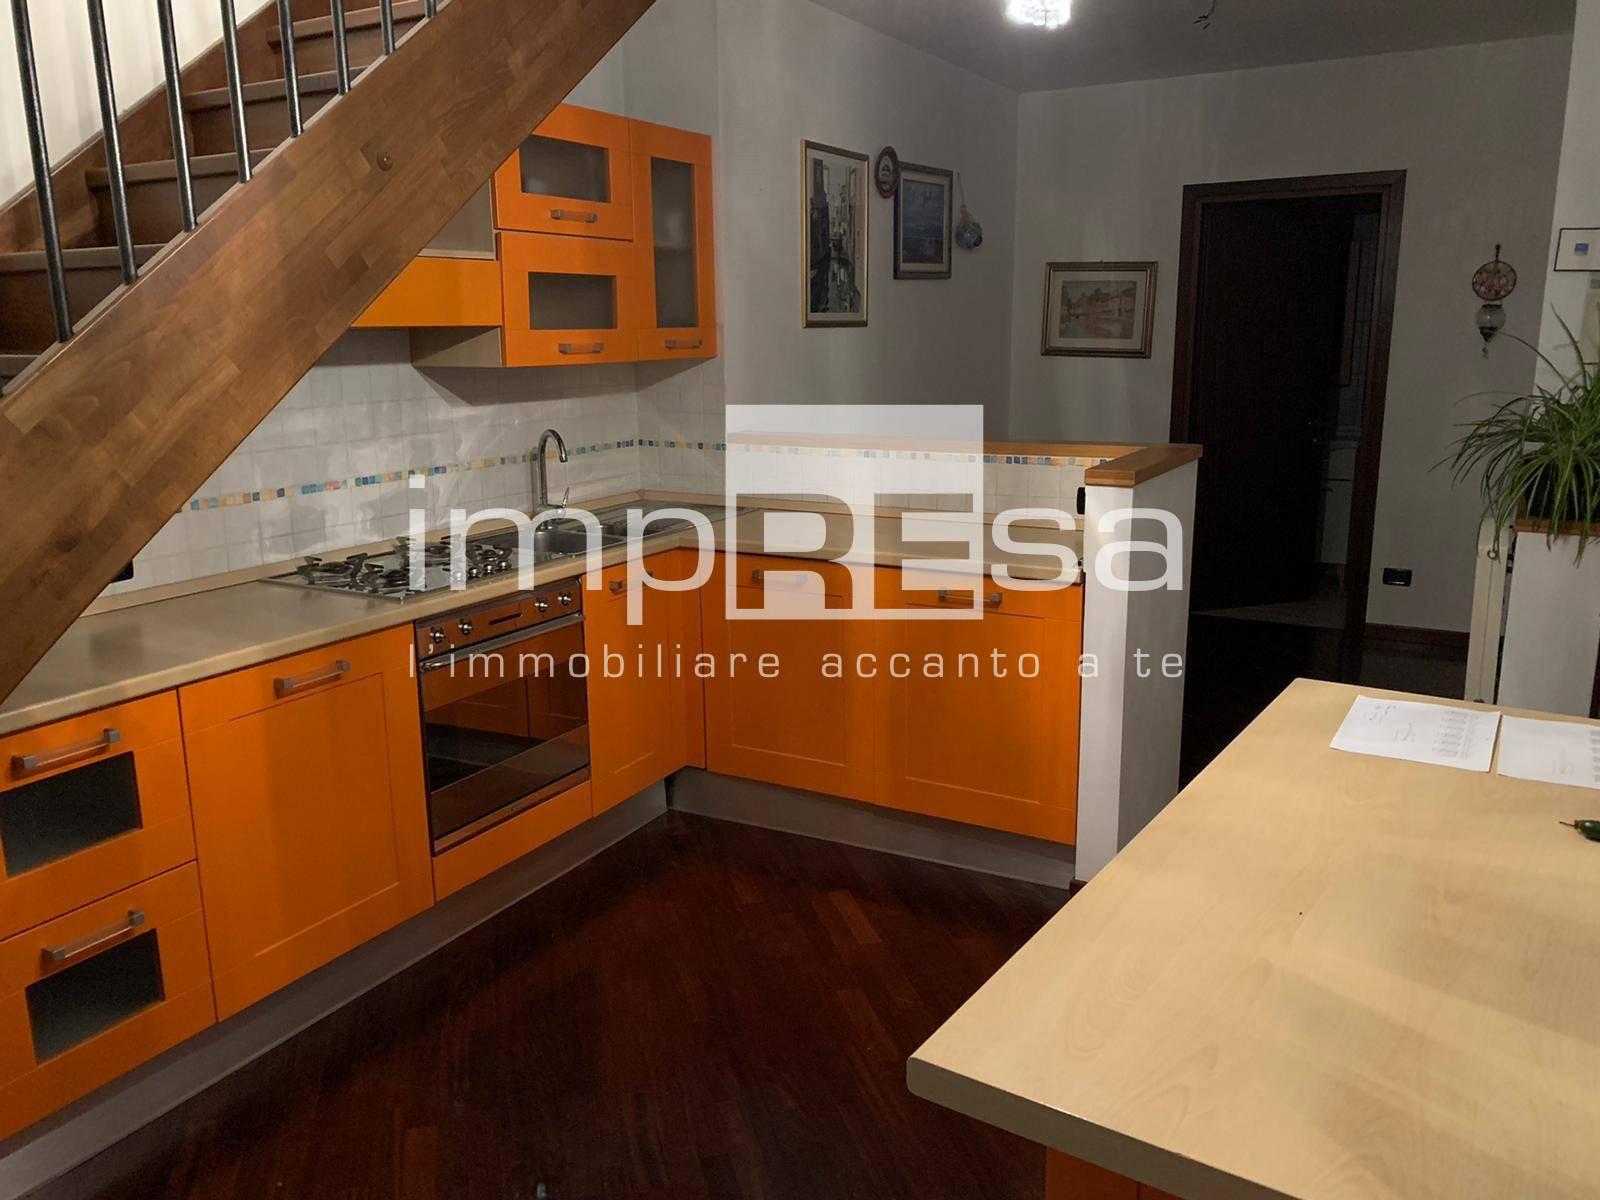 Appartamento in vendita a San Vendemiano, 3 locali, prezzo € 135.000 | PortaleAgenzieImmobiliari.it